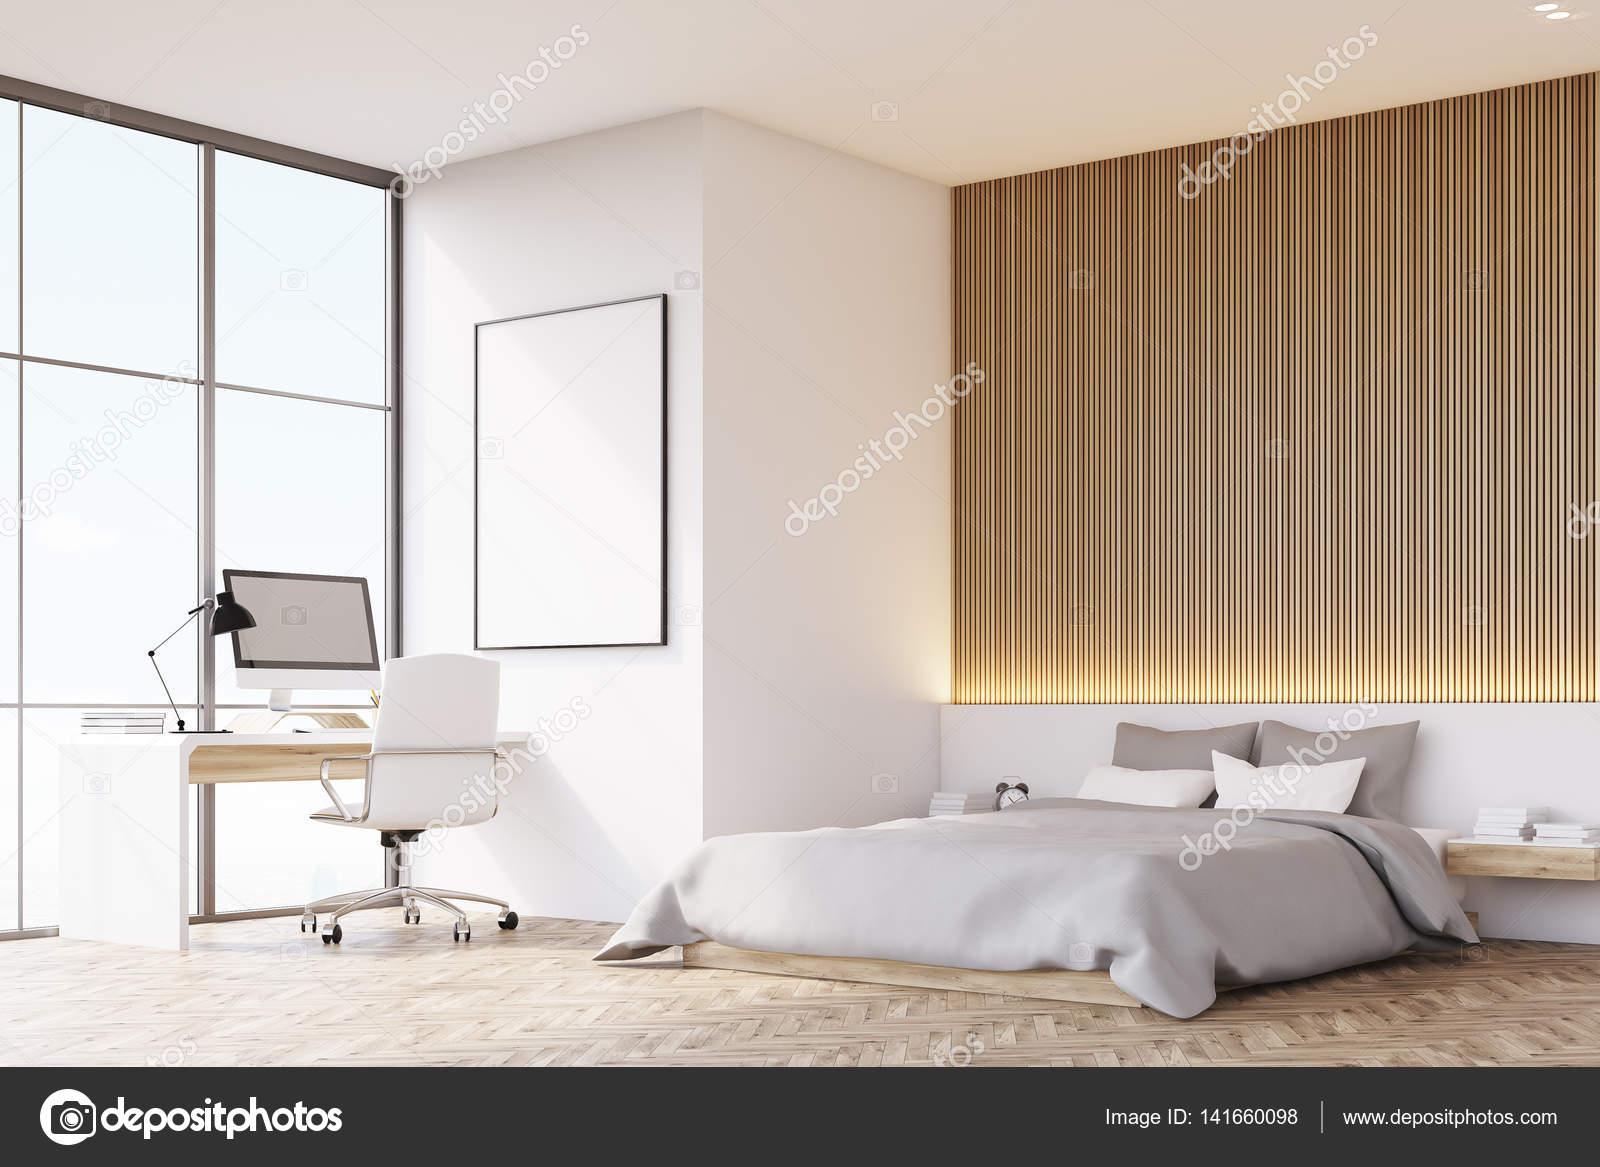 Slaapkamer met houten vloer, tafel, zijaanzicht — Stockfoto ...